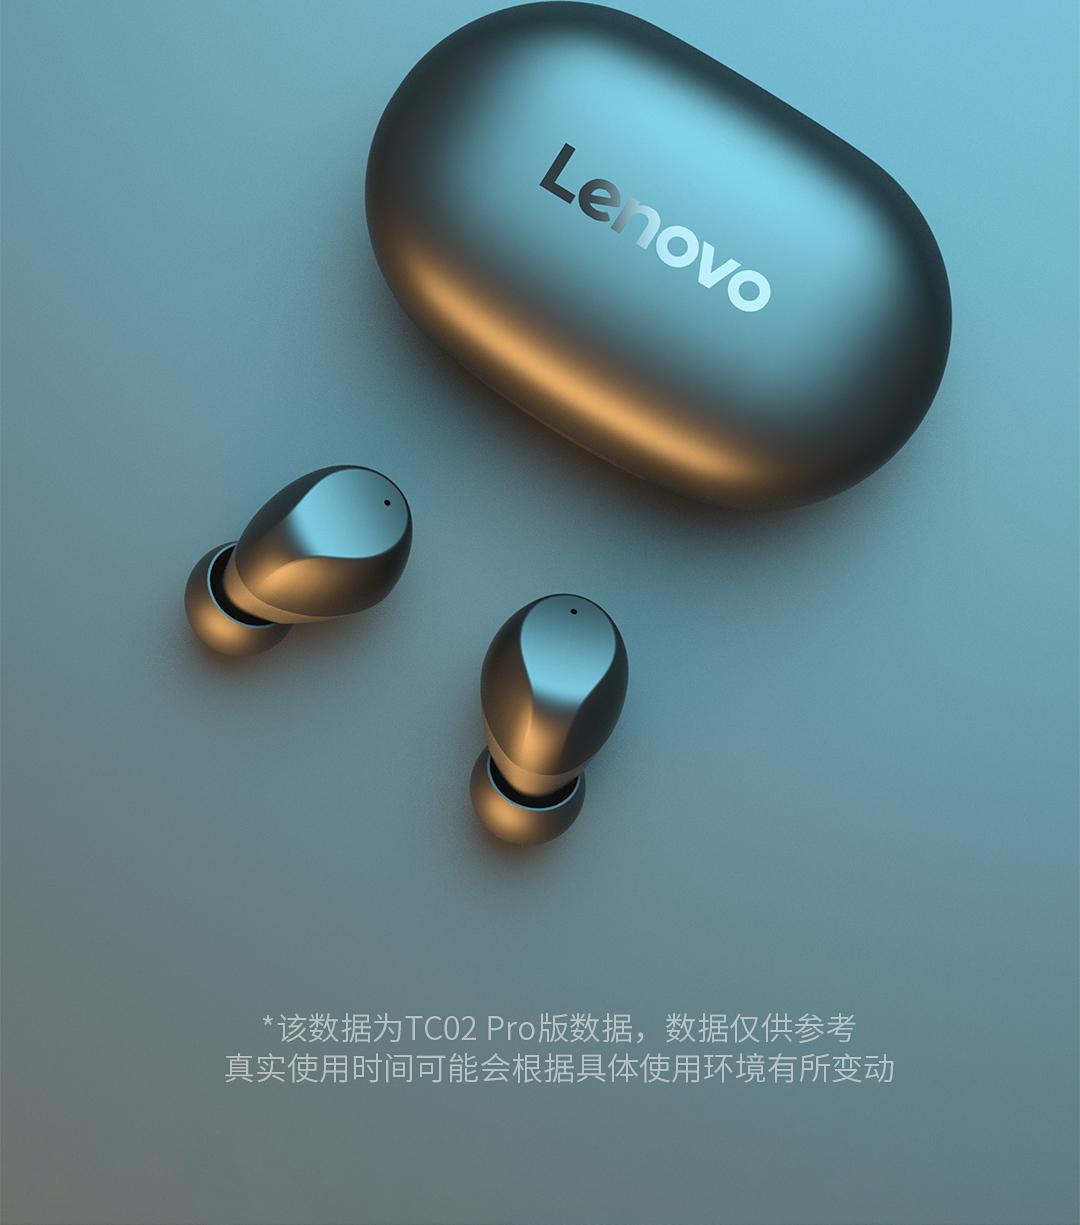 联想 TC02 智能触控 5.1蓝牙耳机 支持单双耳 图7